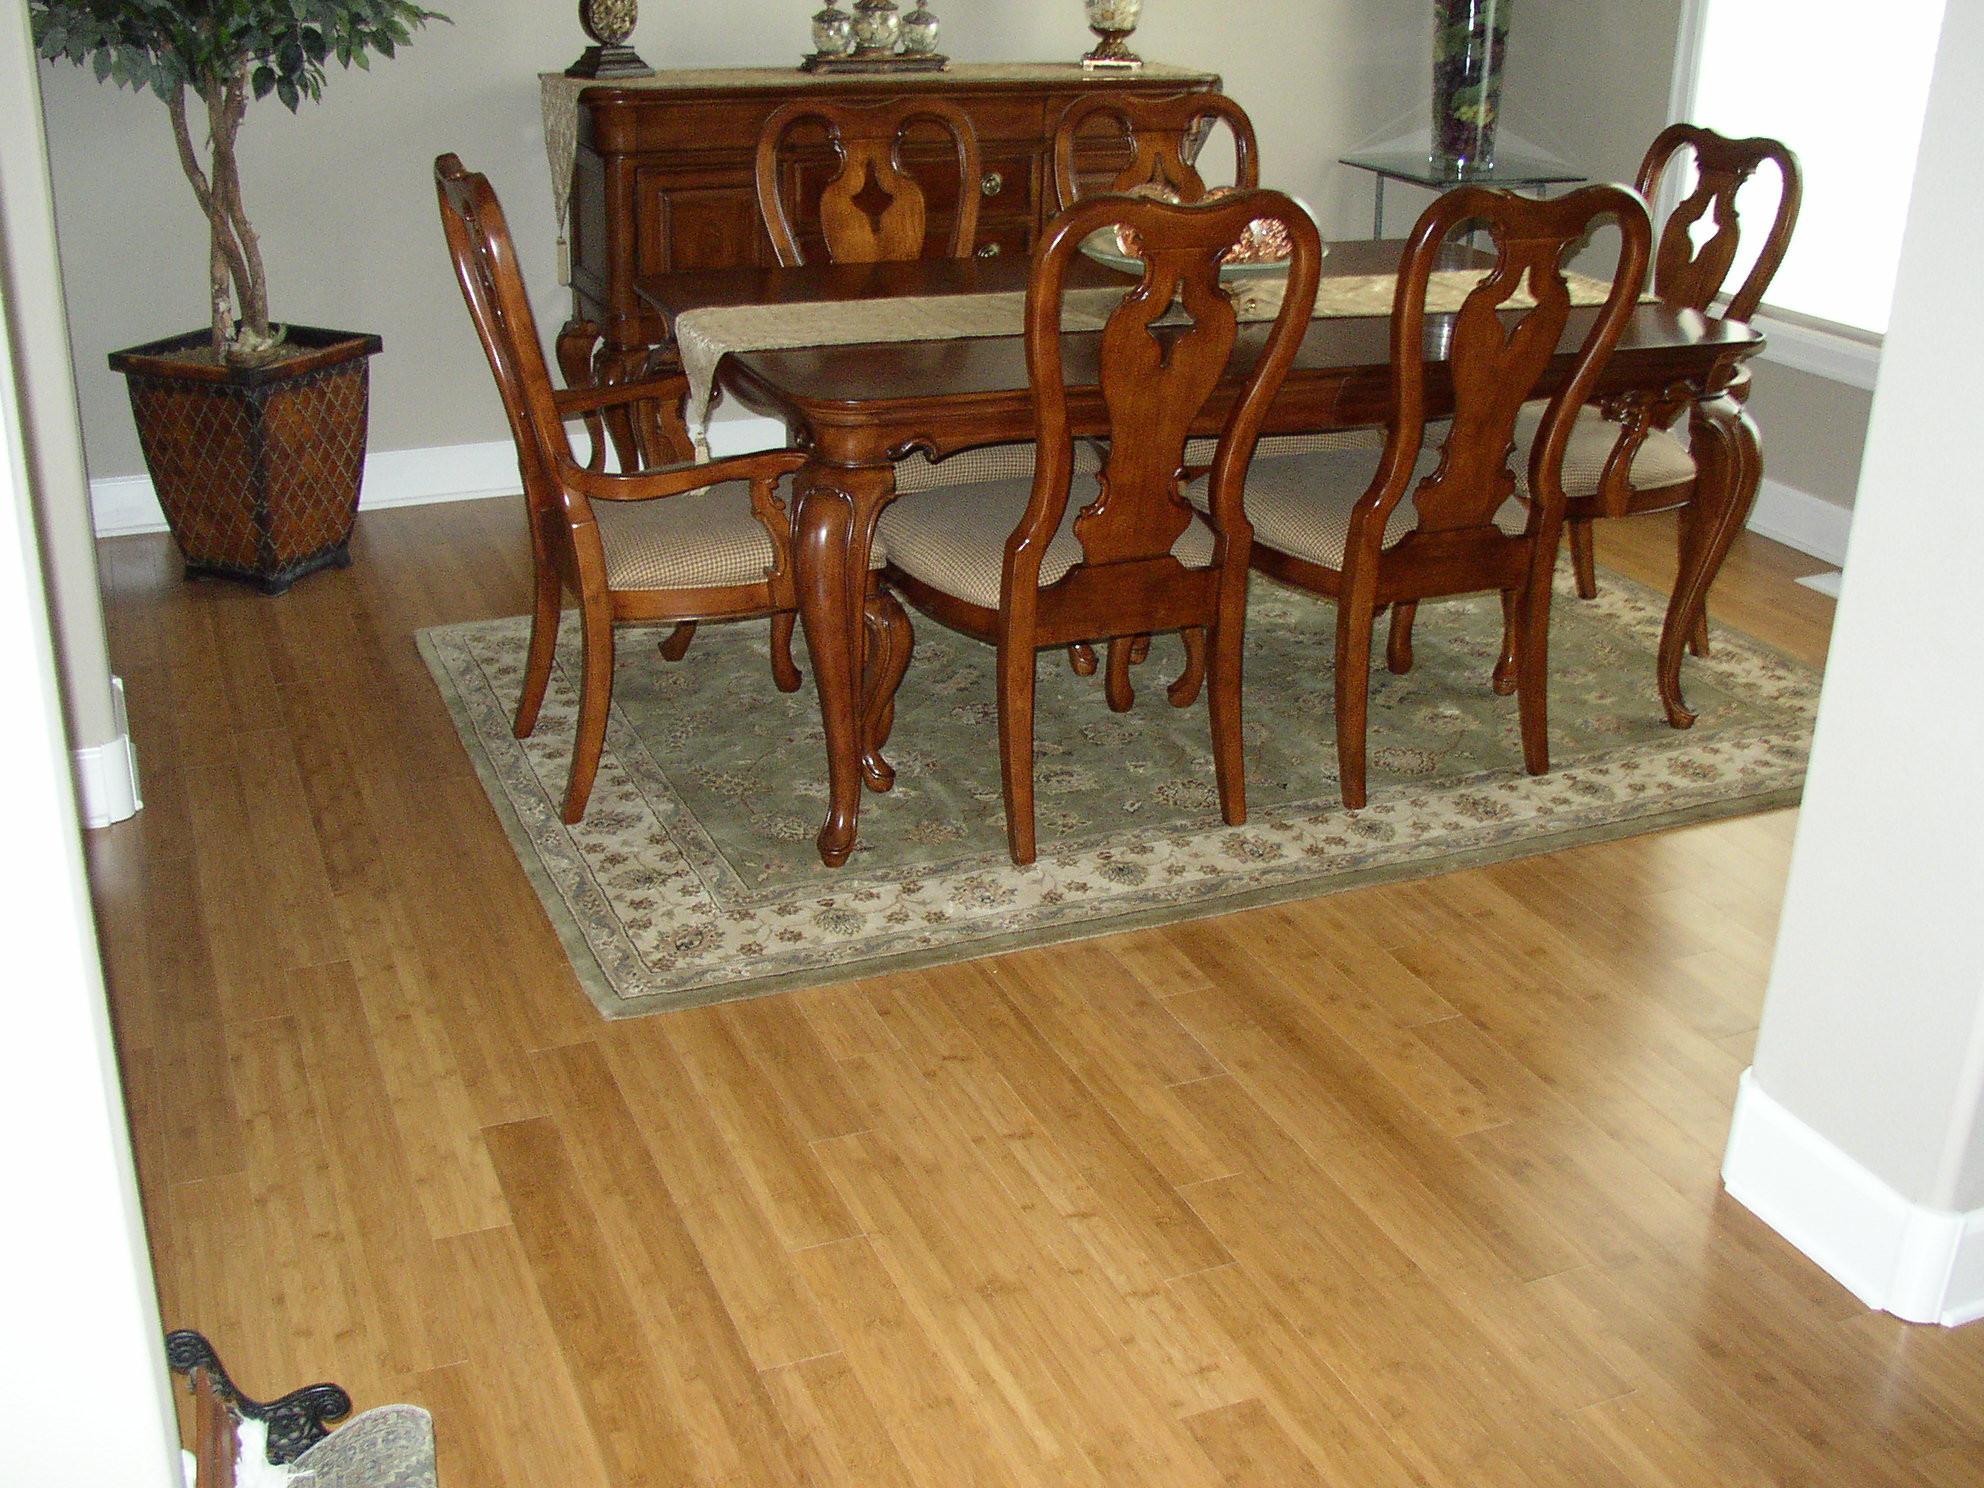 hardwood floor refinishing yakima wa of jeff kassab hardwood floors home within yakima eastern washington 509 658 2303